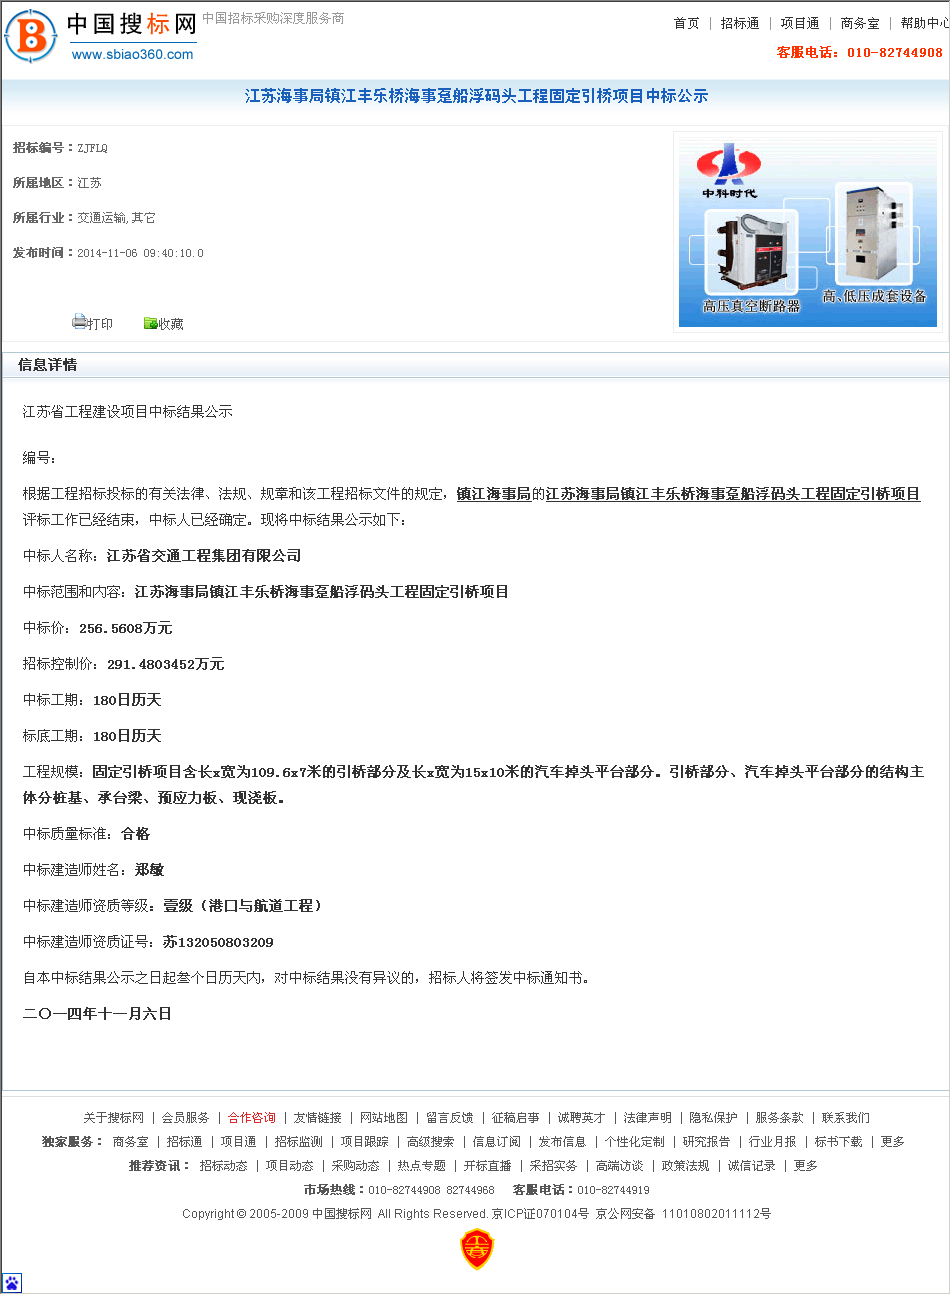 江苏海事局镇江丰乐桥海事趸船浮码头工程固定引桥项目